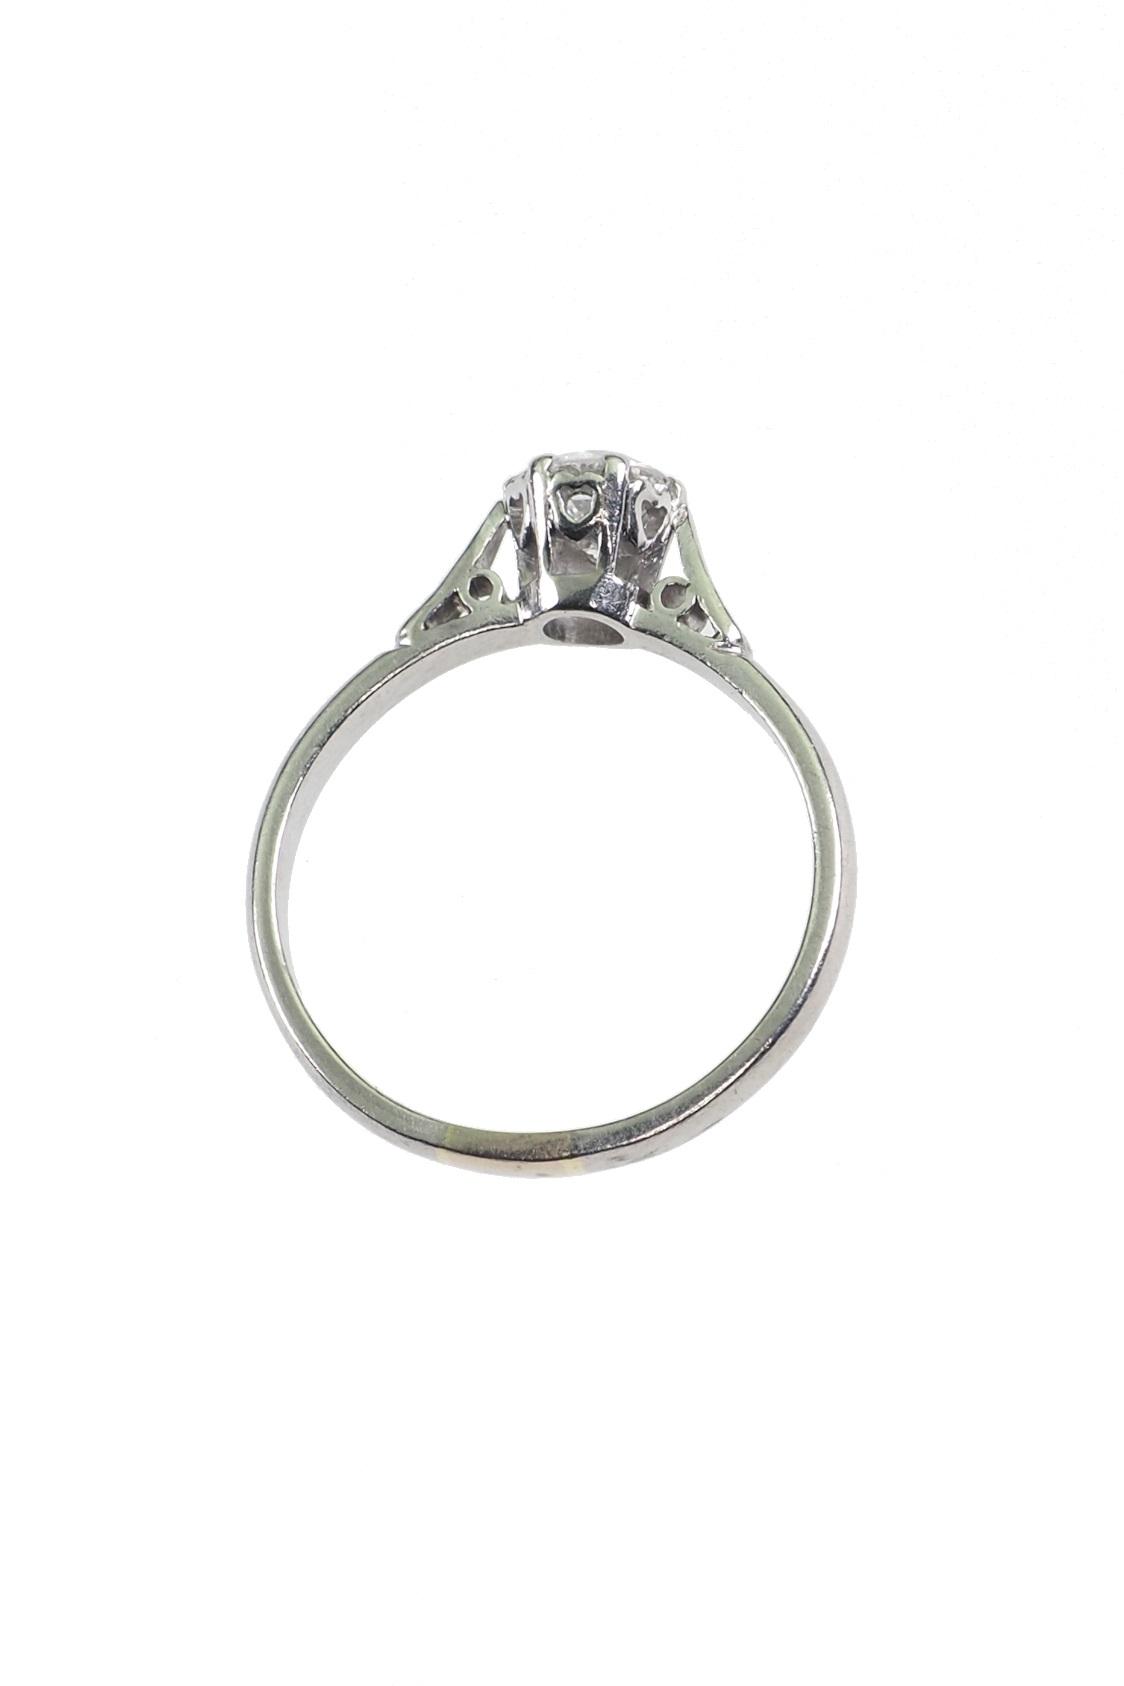 Verlobungsringe-online-kaufen-1026c